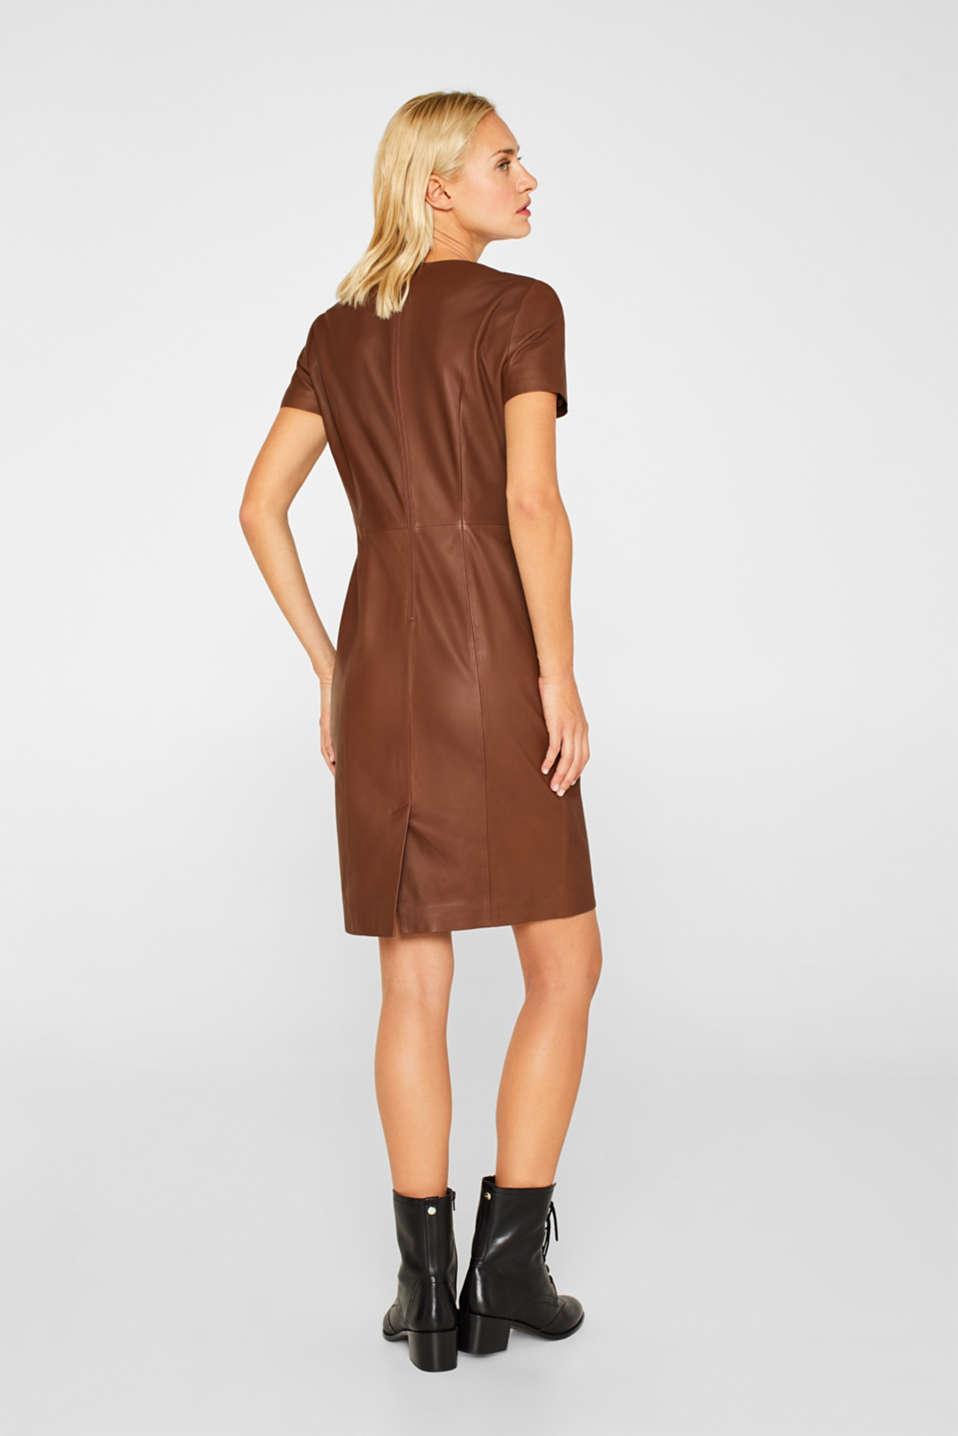 Dresses leather, CARAMEL, detail image number 2